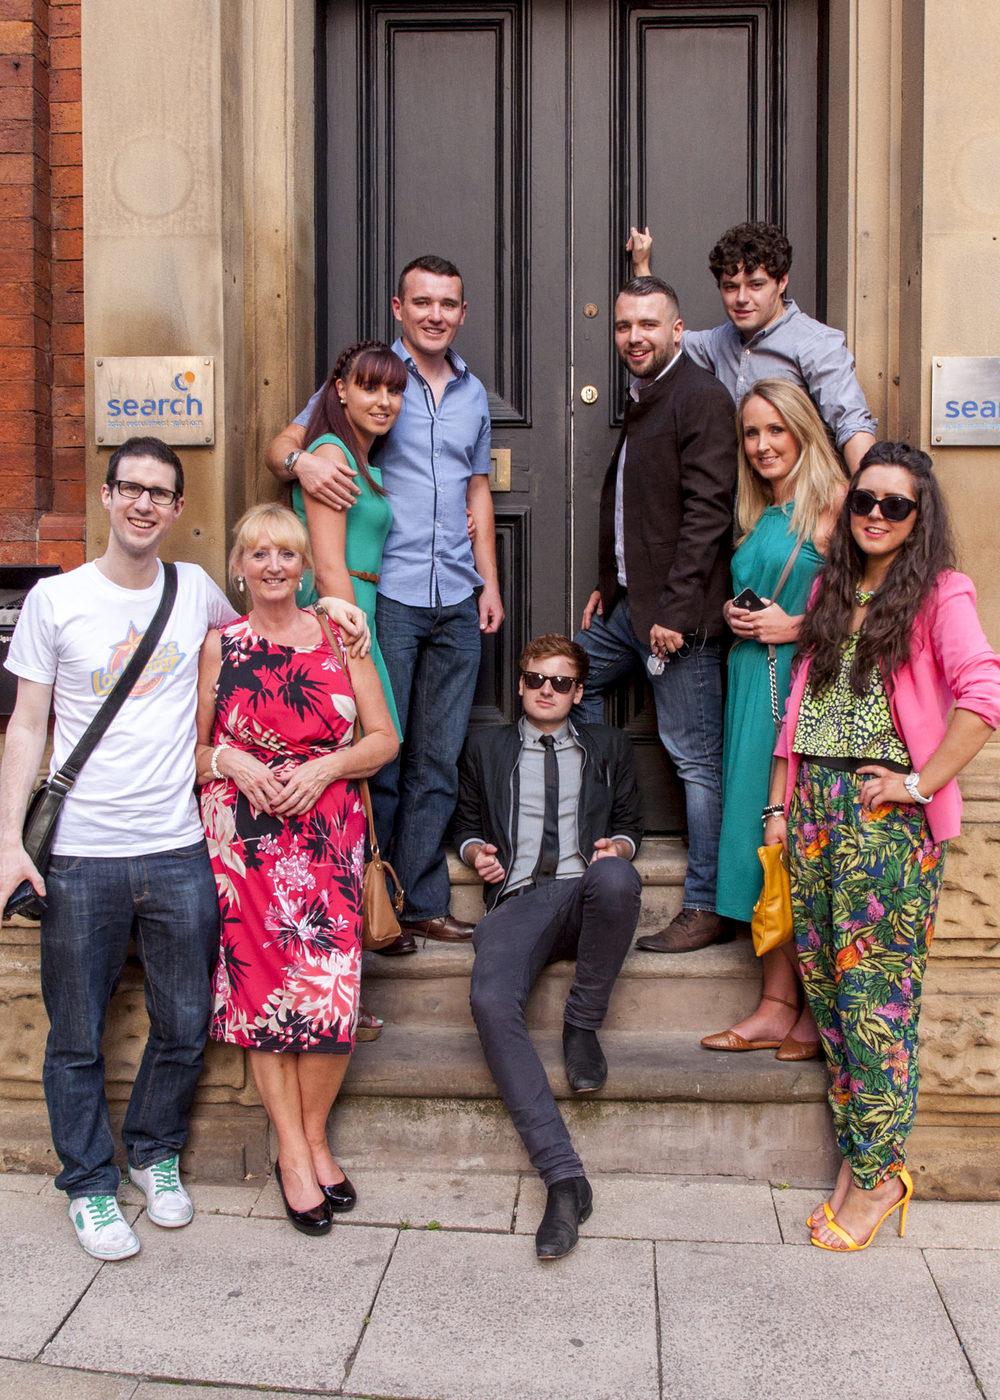 Anne-Marie, Siobhan, Patrick, Matt, Sean, Donal, Sinead and Ciara.